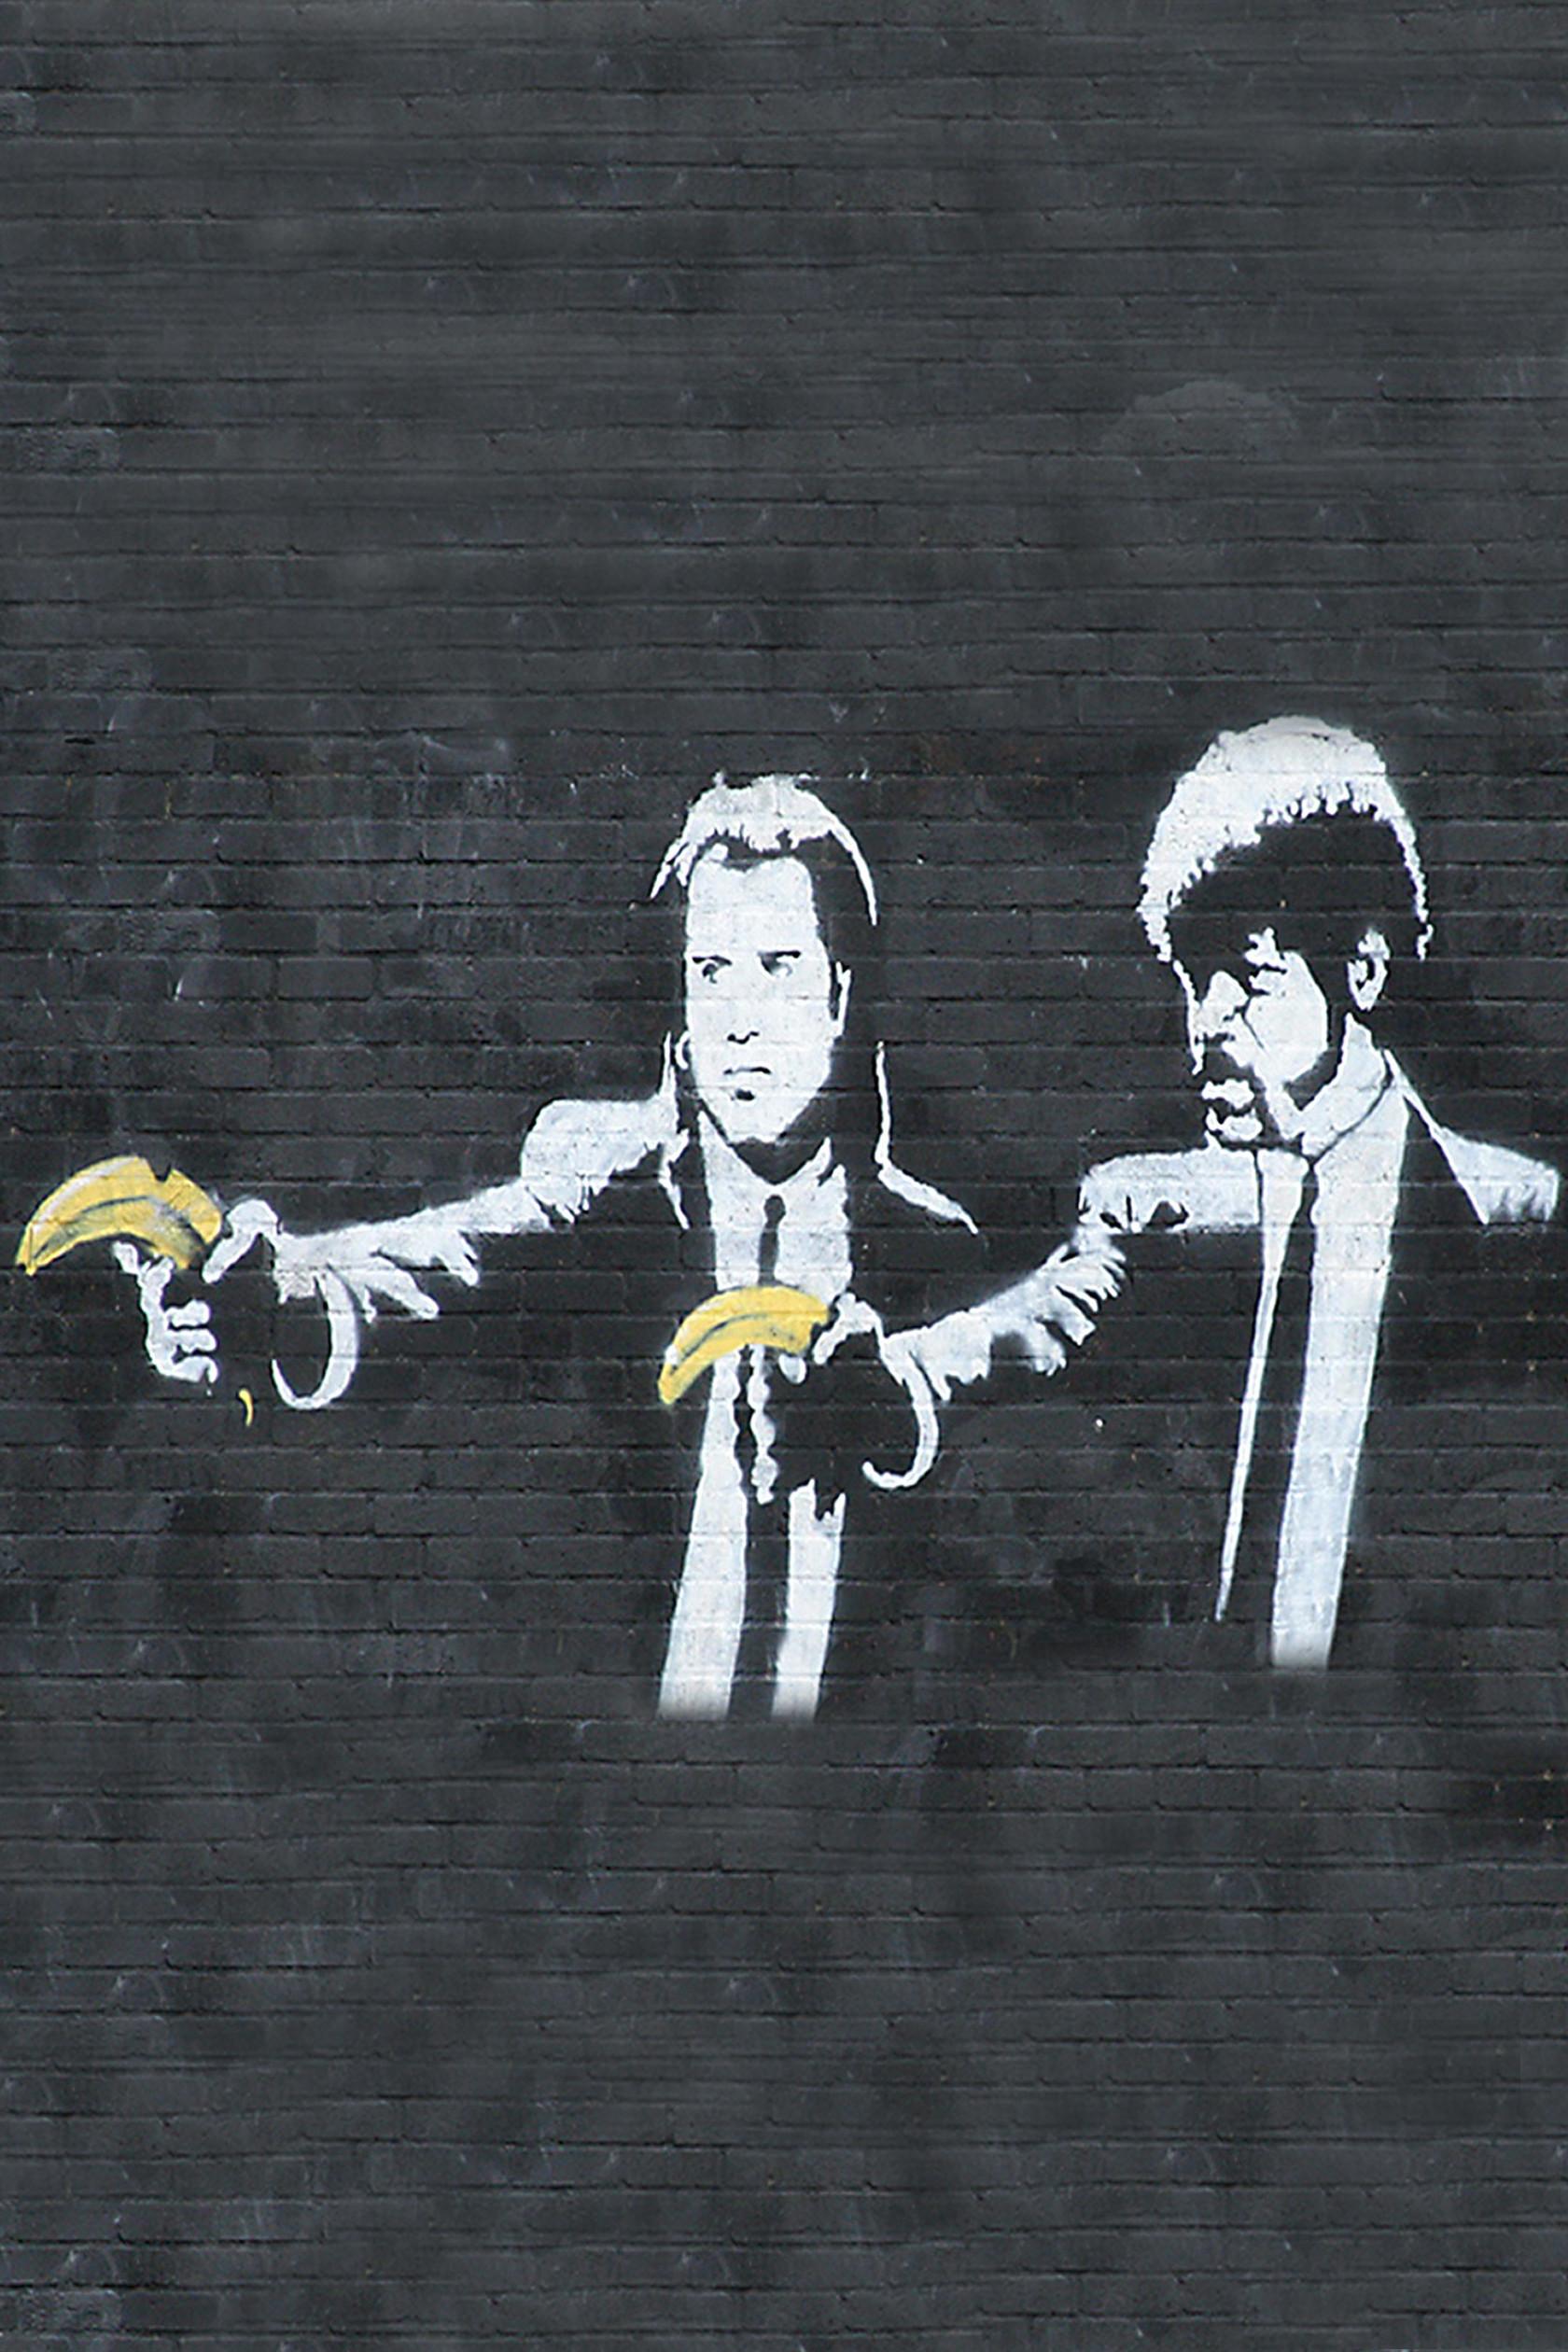 Banksy Pulp Fiction Android Wallpaper. Banksy Pulp Fiction Android Wallpaper